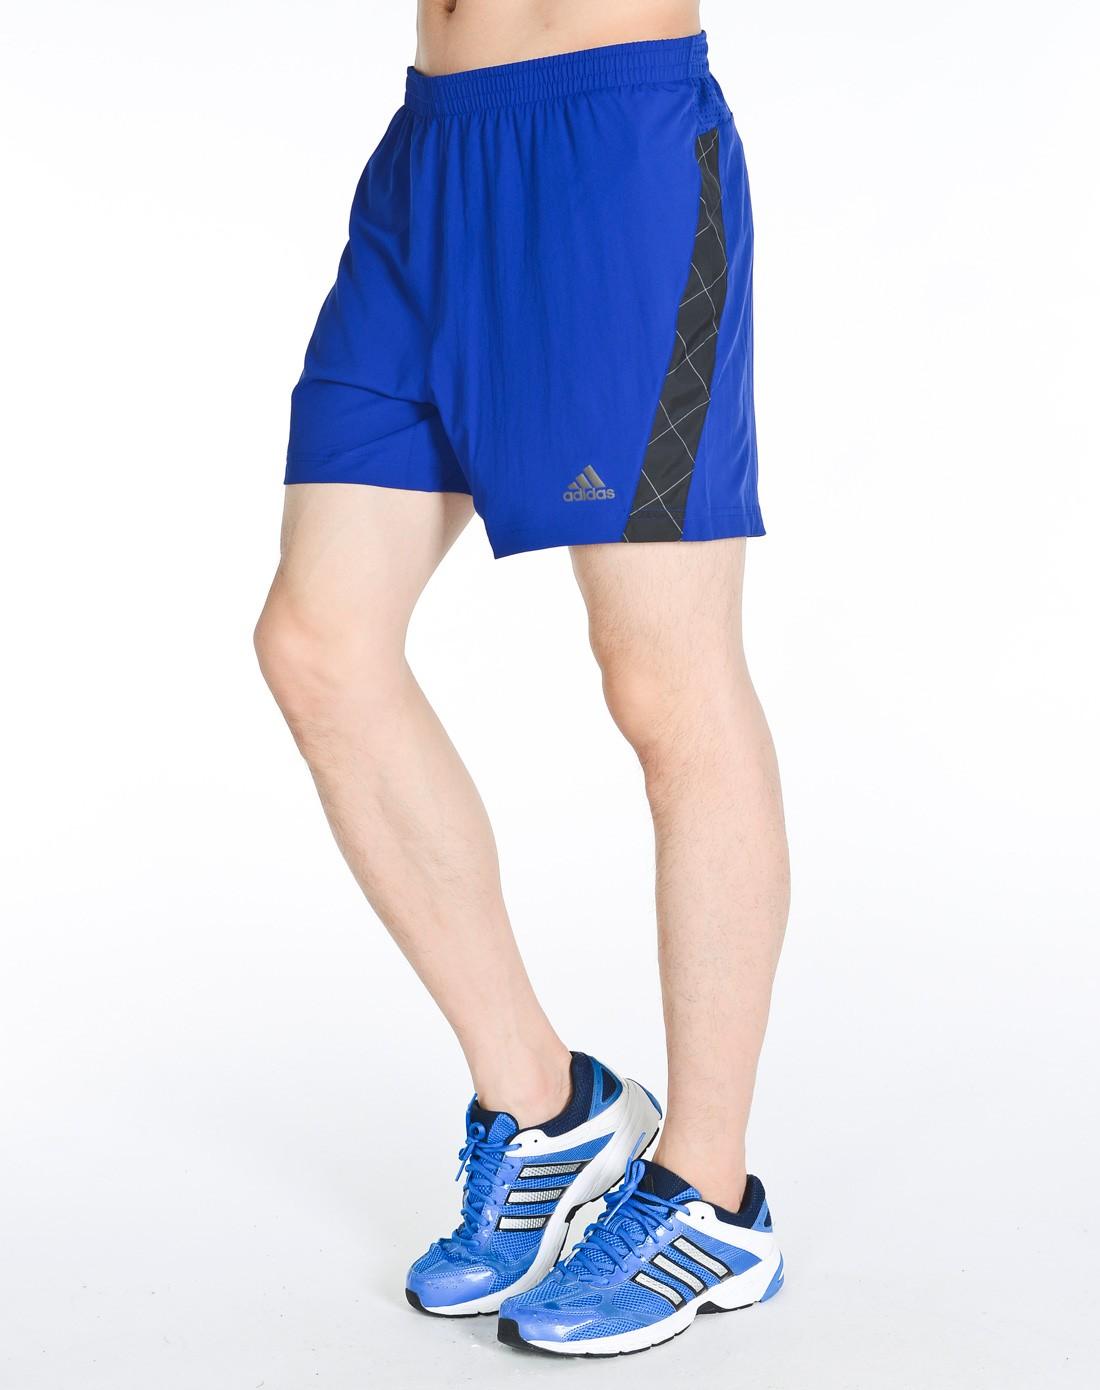 阿迪达斯adidas男装专场-男款深蓝色跑步系列短裤